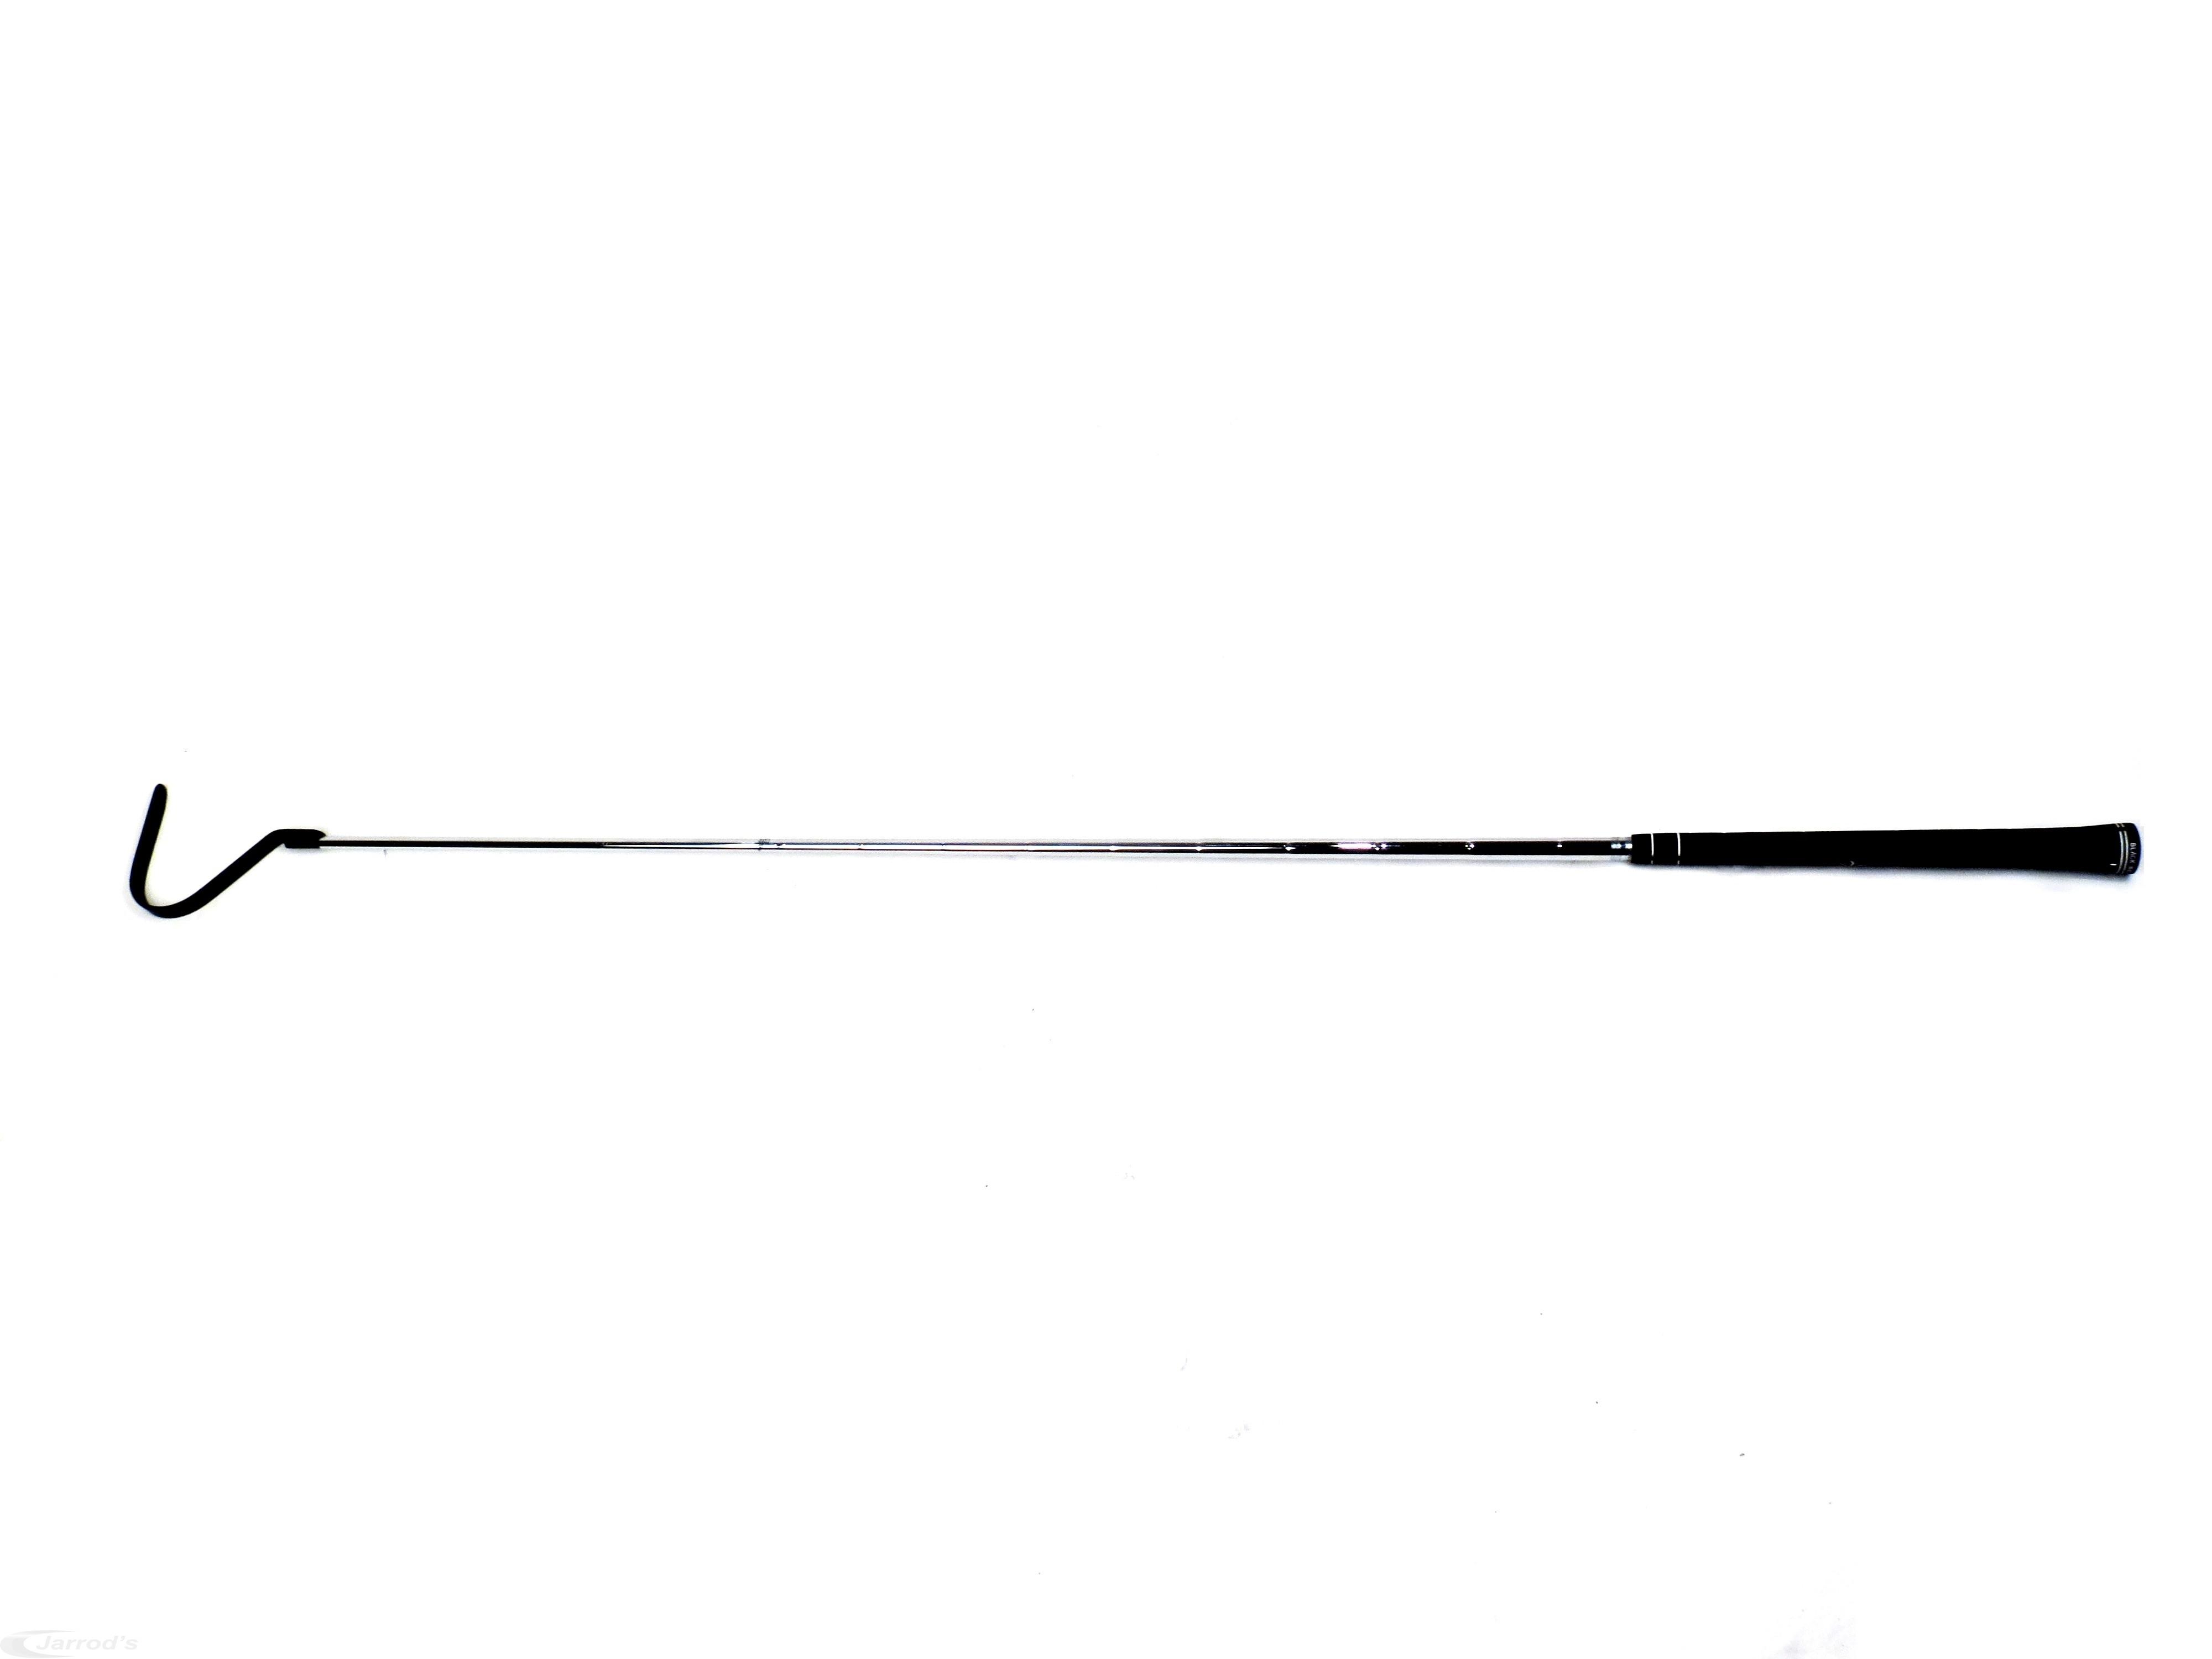 הוק מוט עזר ללכידת נחשים 100 סנטימטר